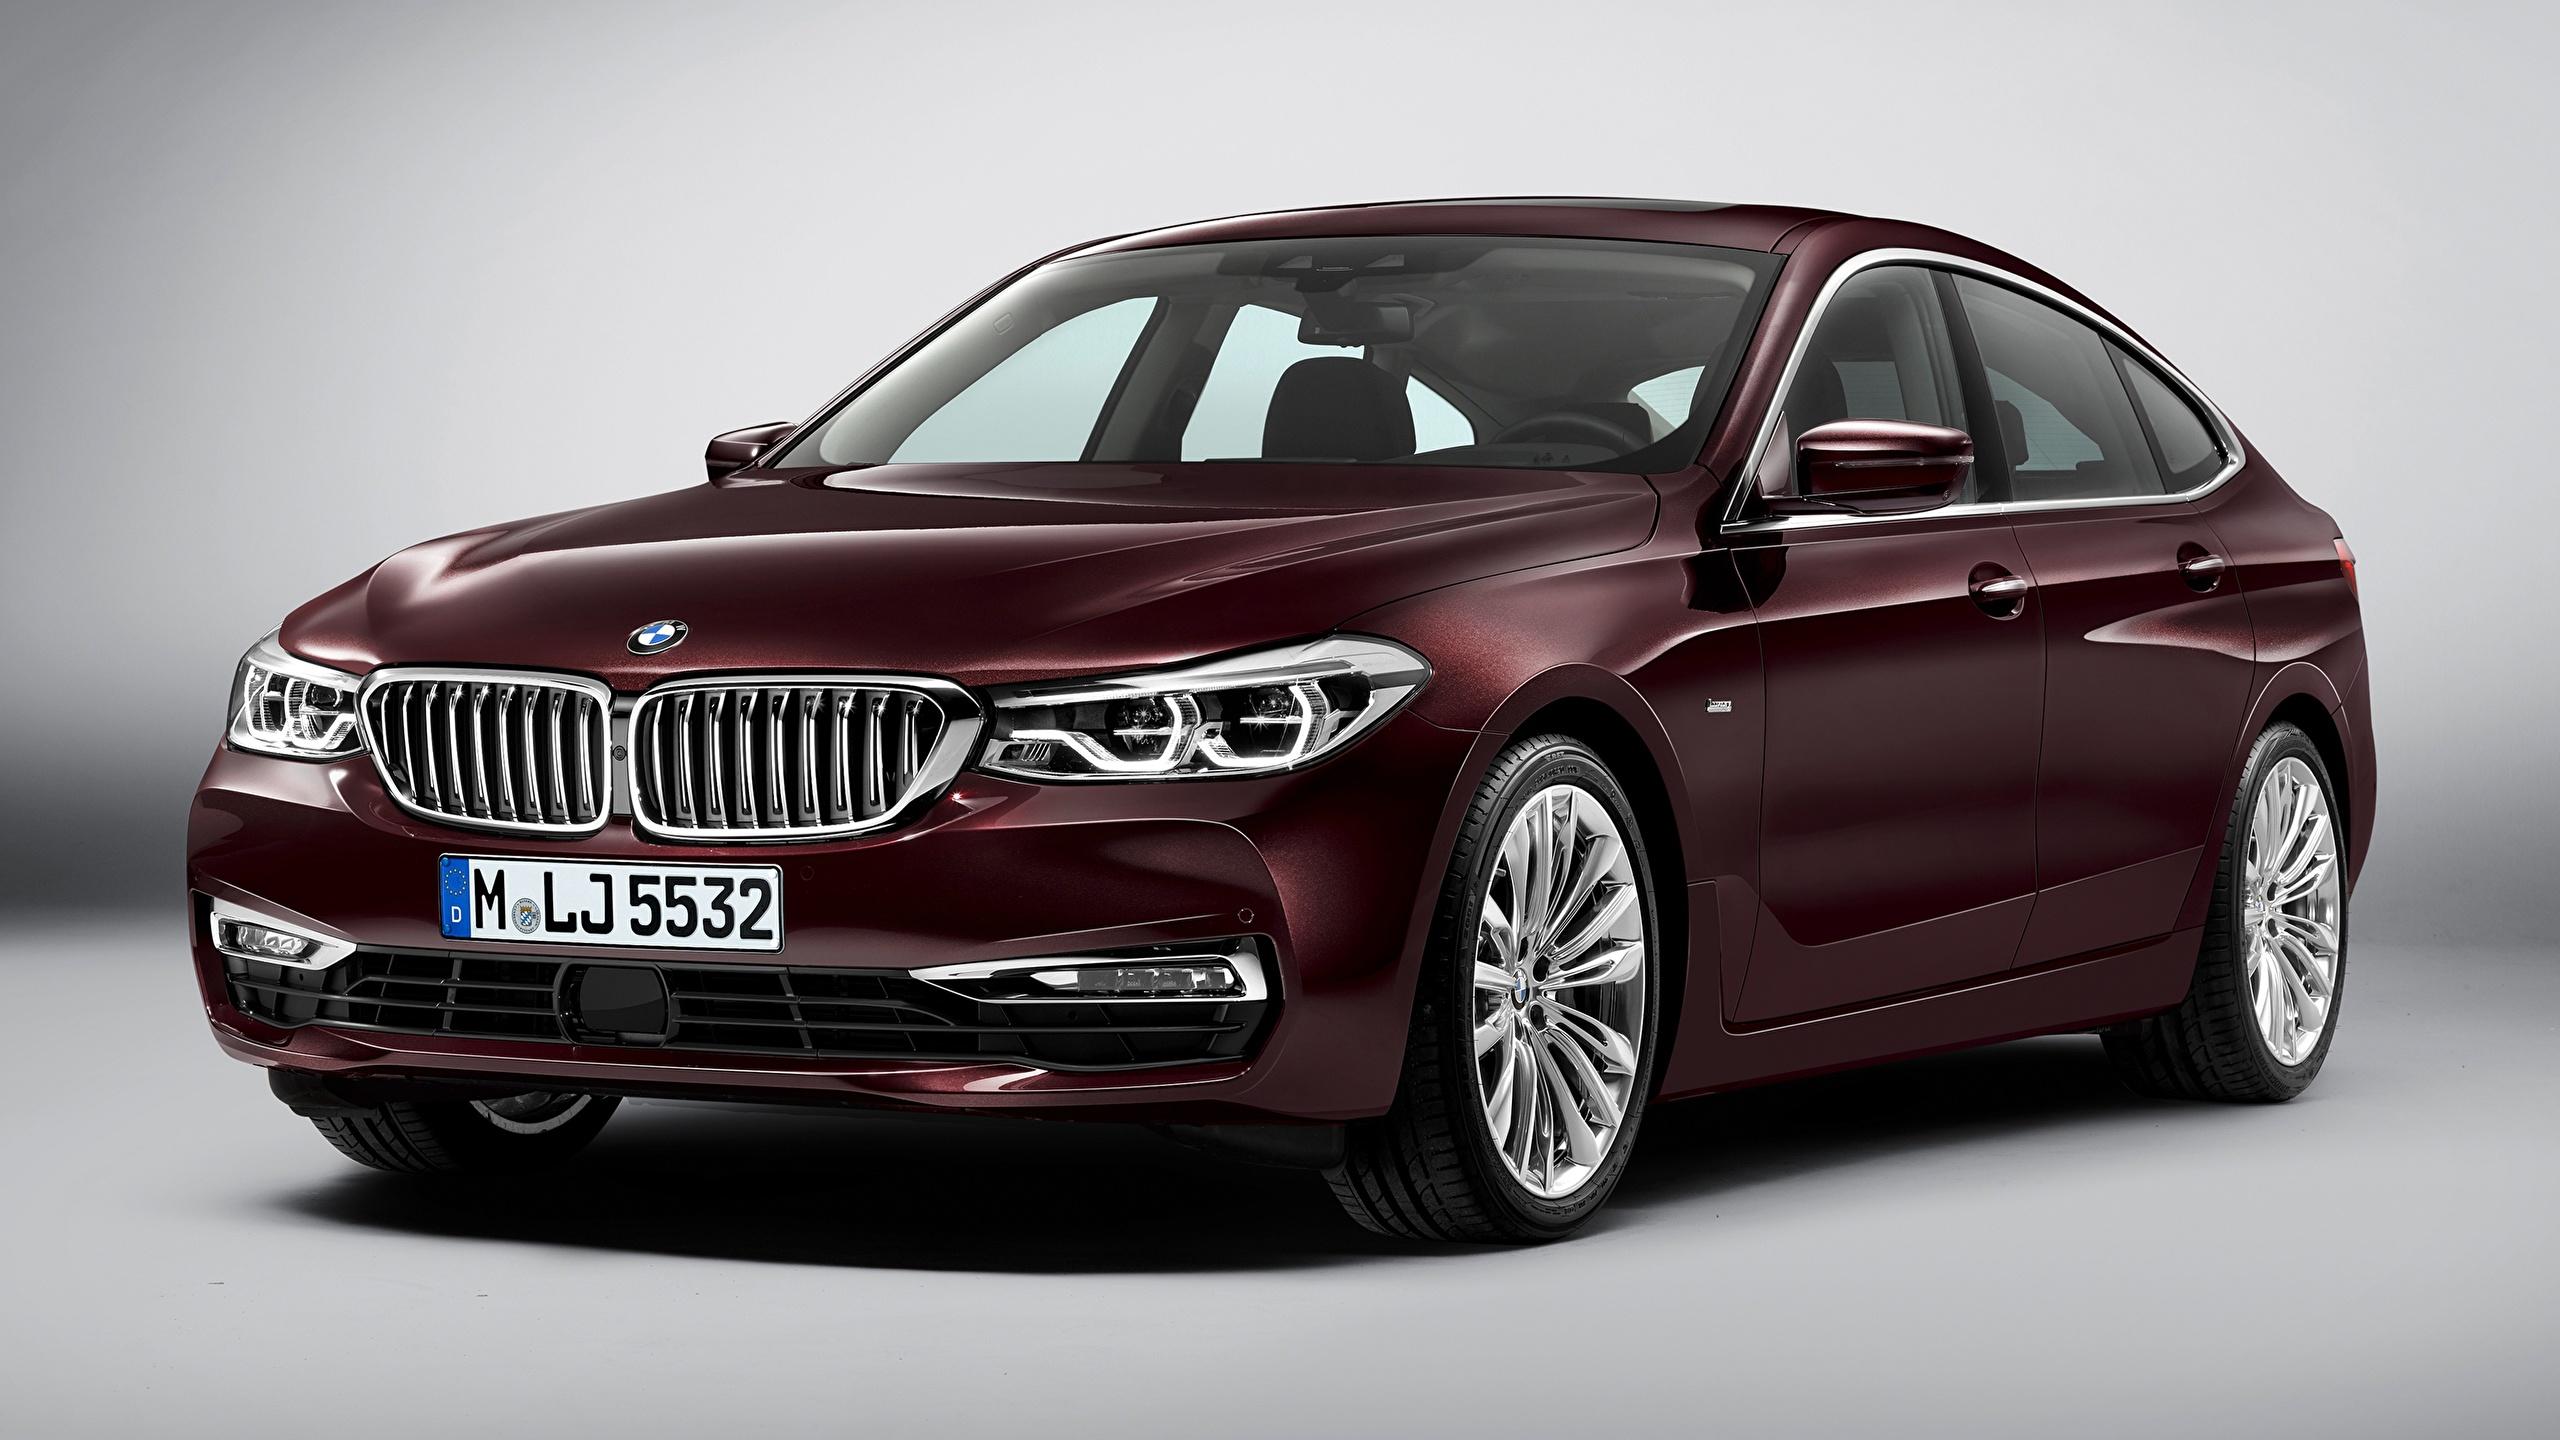 Фотография БМВ Liftback, 630d, xDrive, Gran Turismo, Luxury Line, 2017 бордовая Автомобили Серый фон 2560x1440 BMW Бордовый бордовые темно красный авто машины машина автомобиль сером фоне